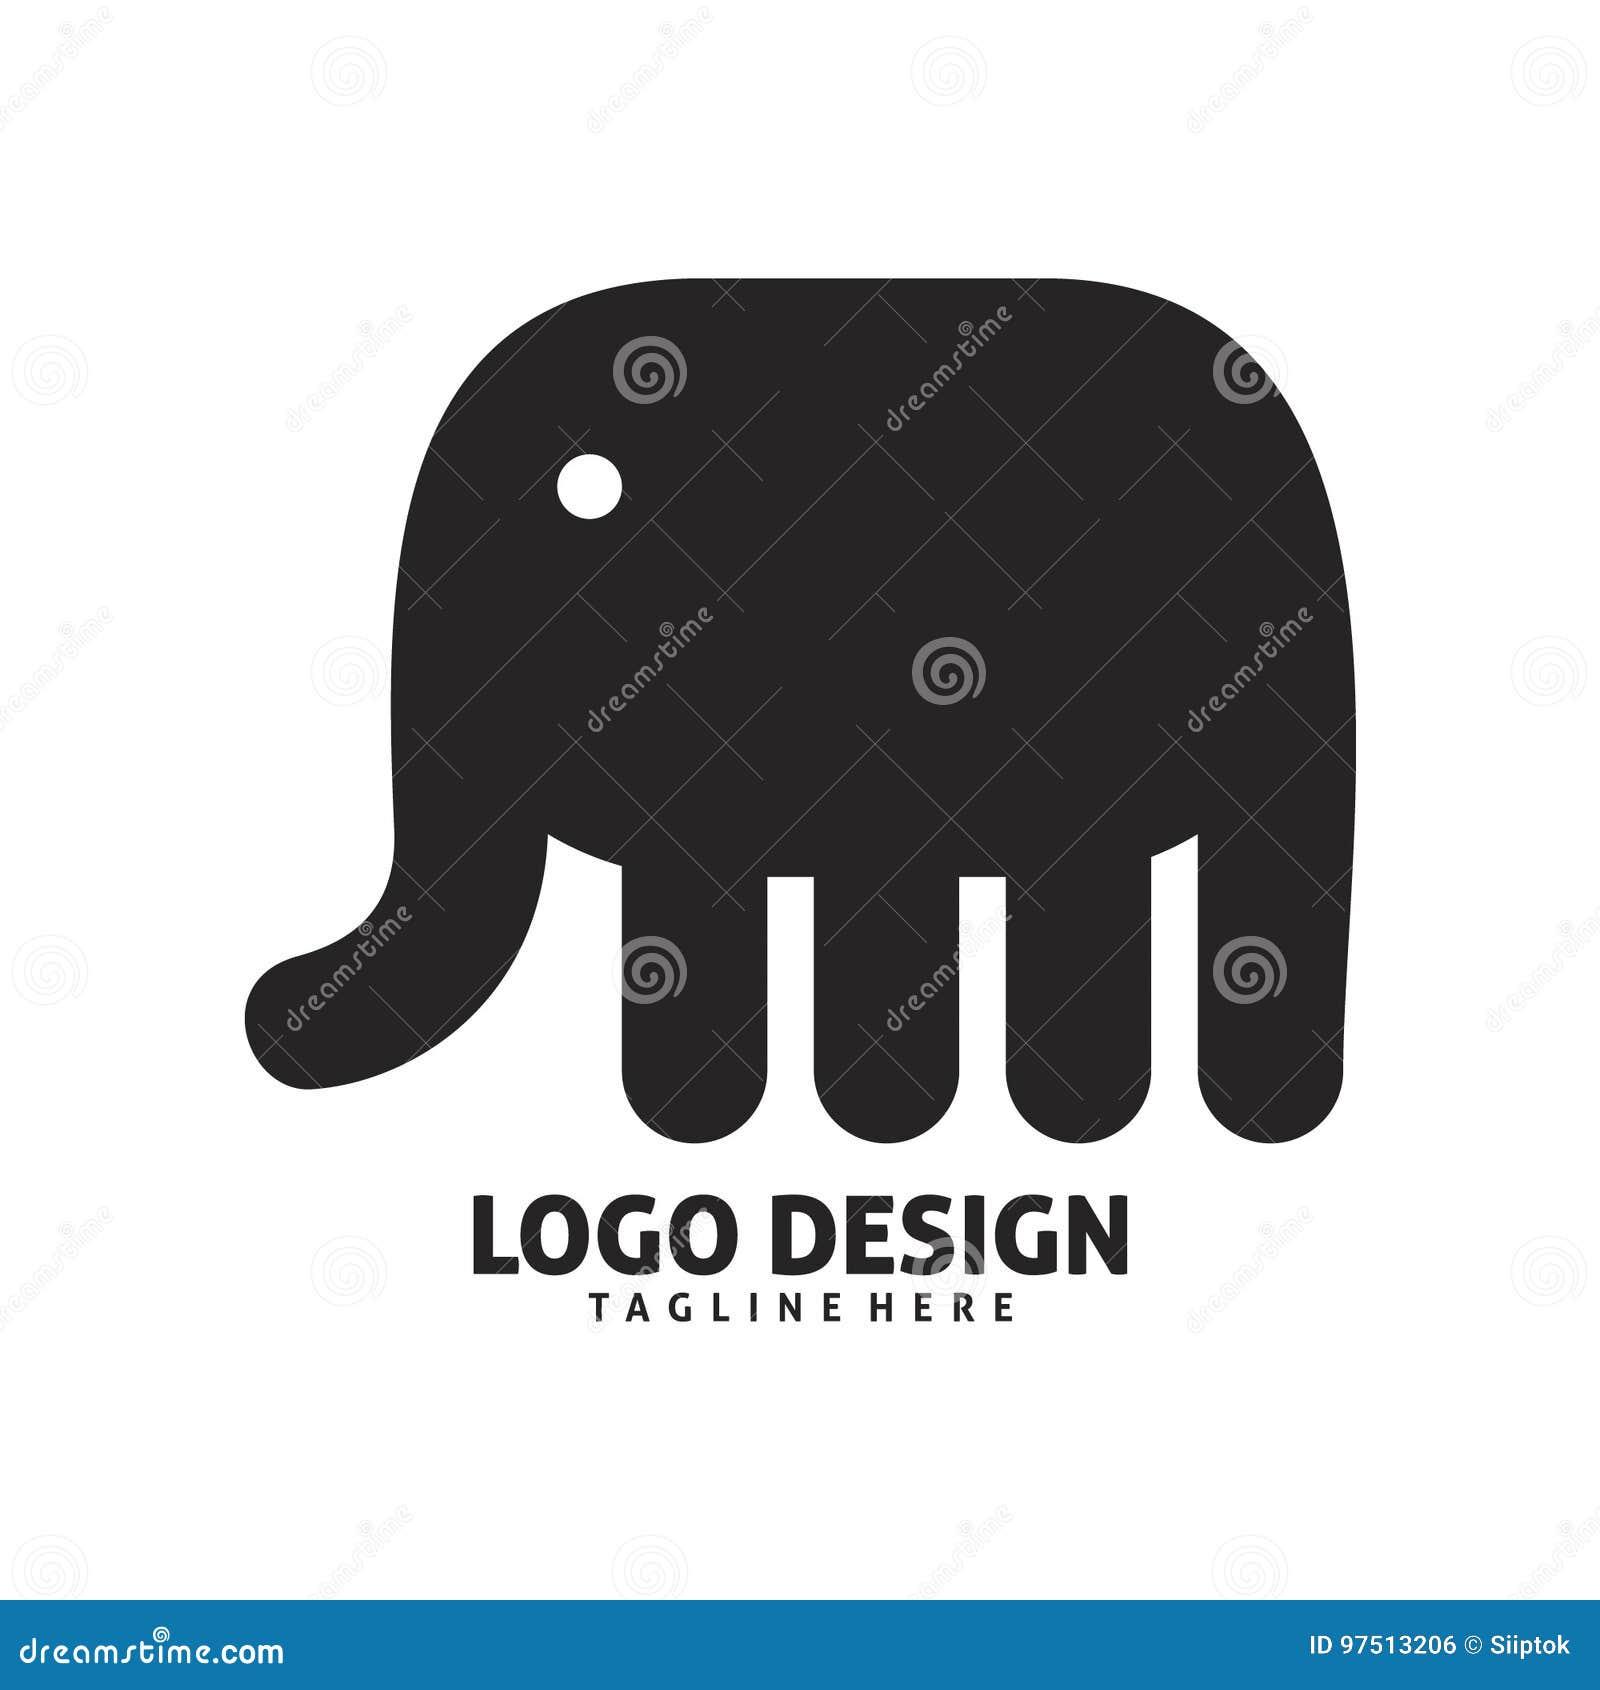 Elephant color logo design stock illustration. Illustration of ...